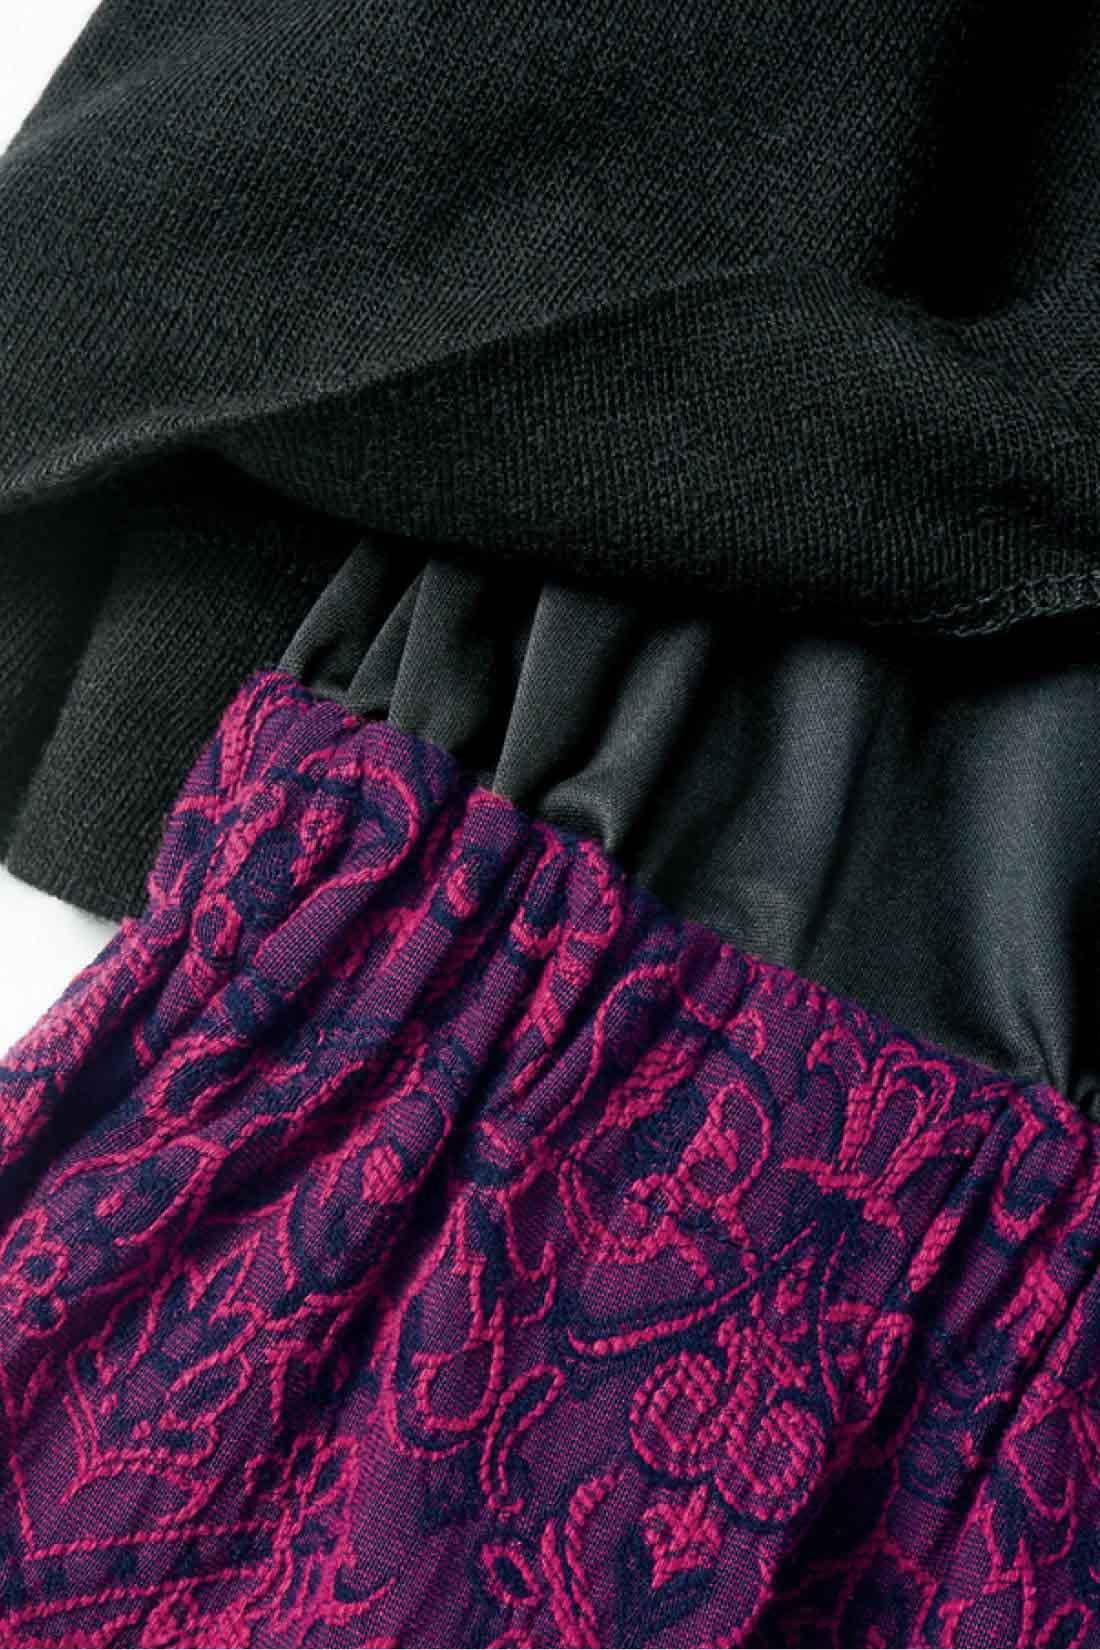 ドッキング部分は、トップスとスカートが重なる自然な仕上がり。ウエストはゴム入りでらくちん。